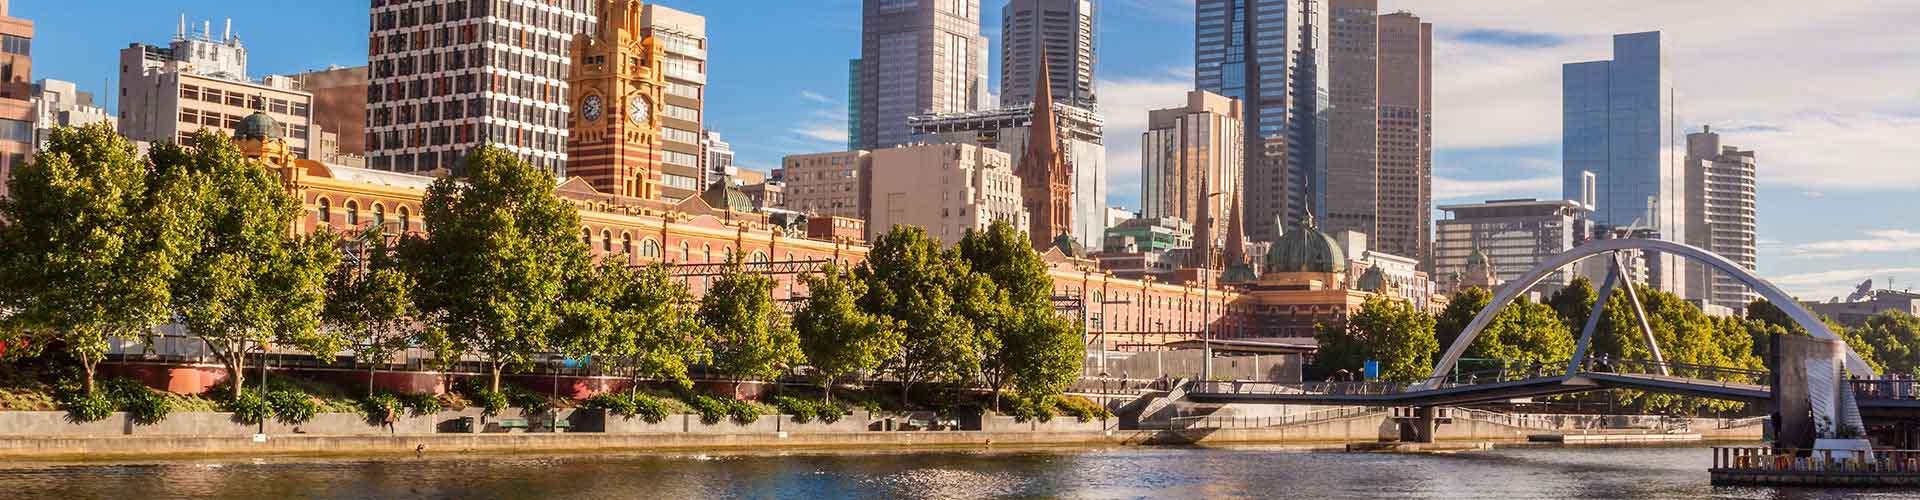 墨尔本 – Melbourne区的青年旅馆。墨尔本 地图,墨尔本 每间青年旅馆的照片和评分。